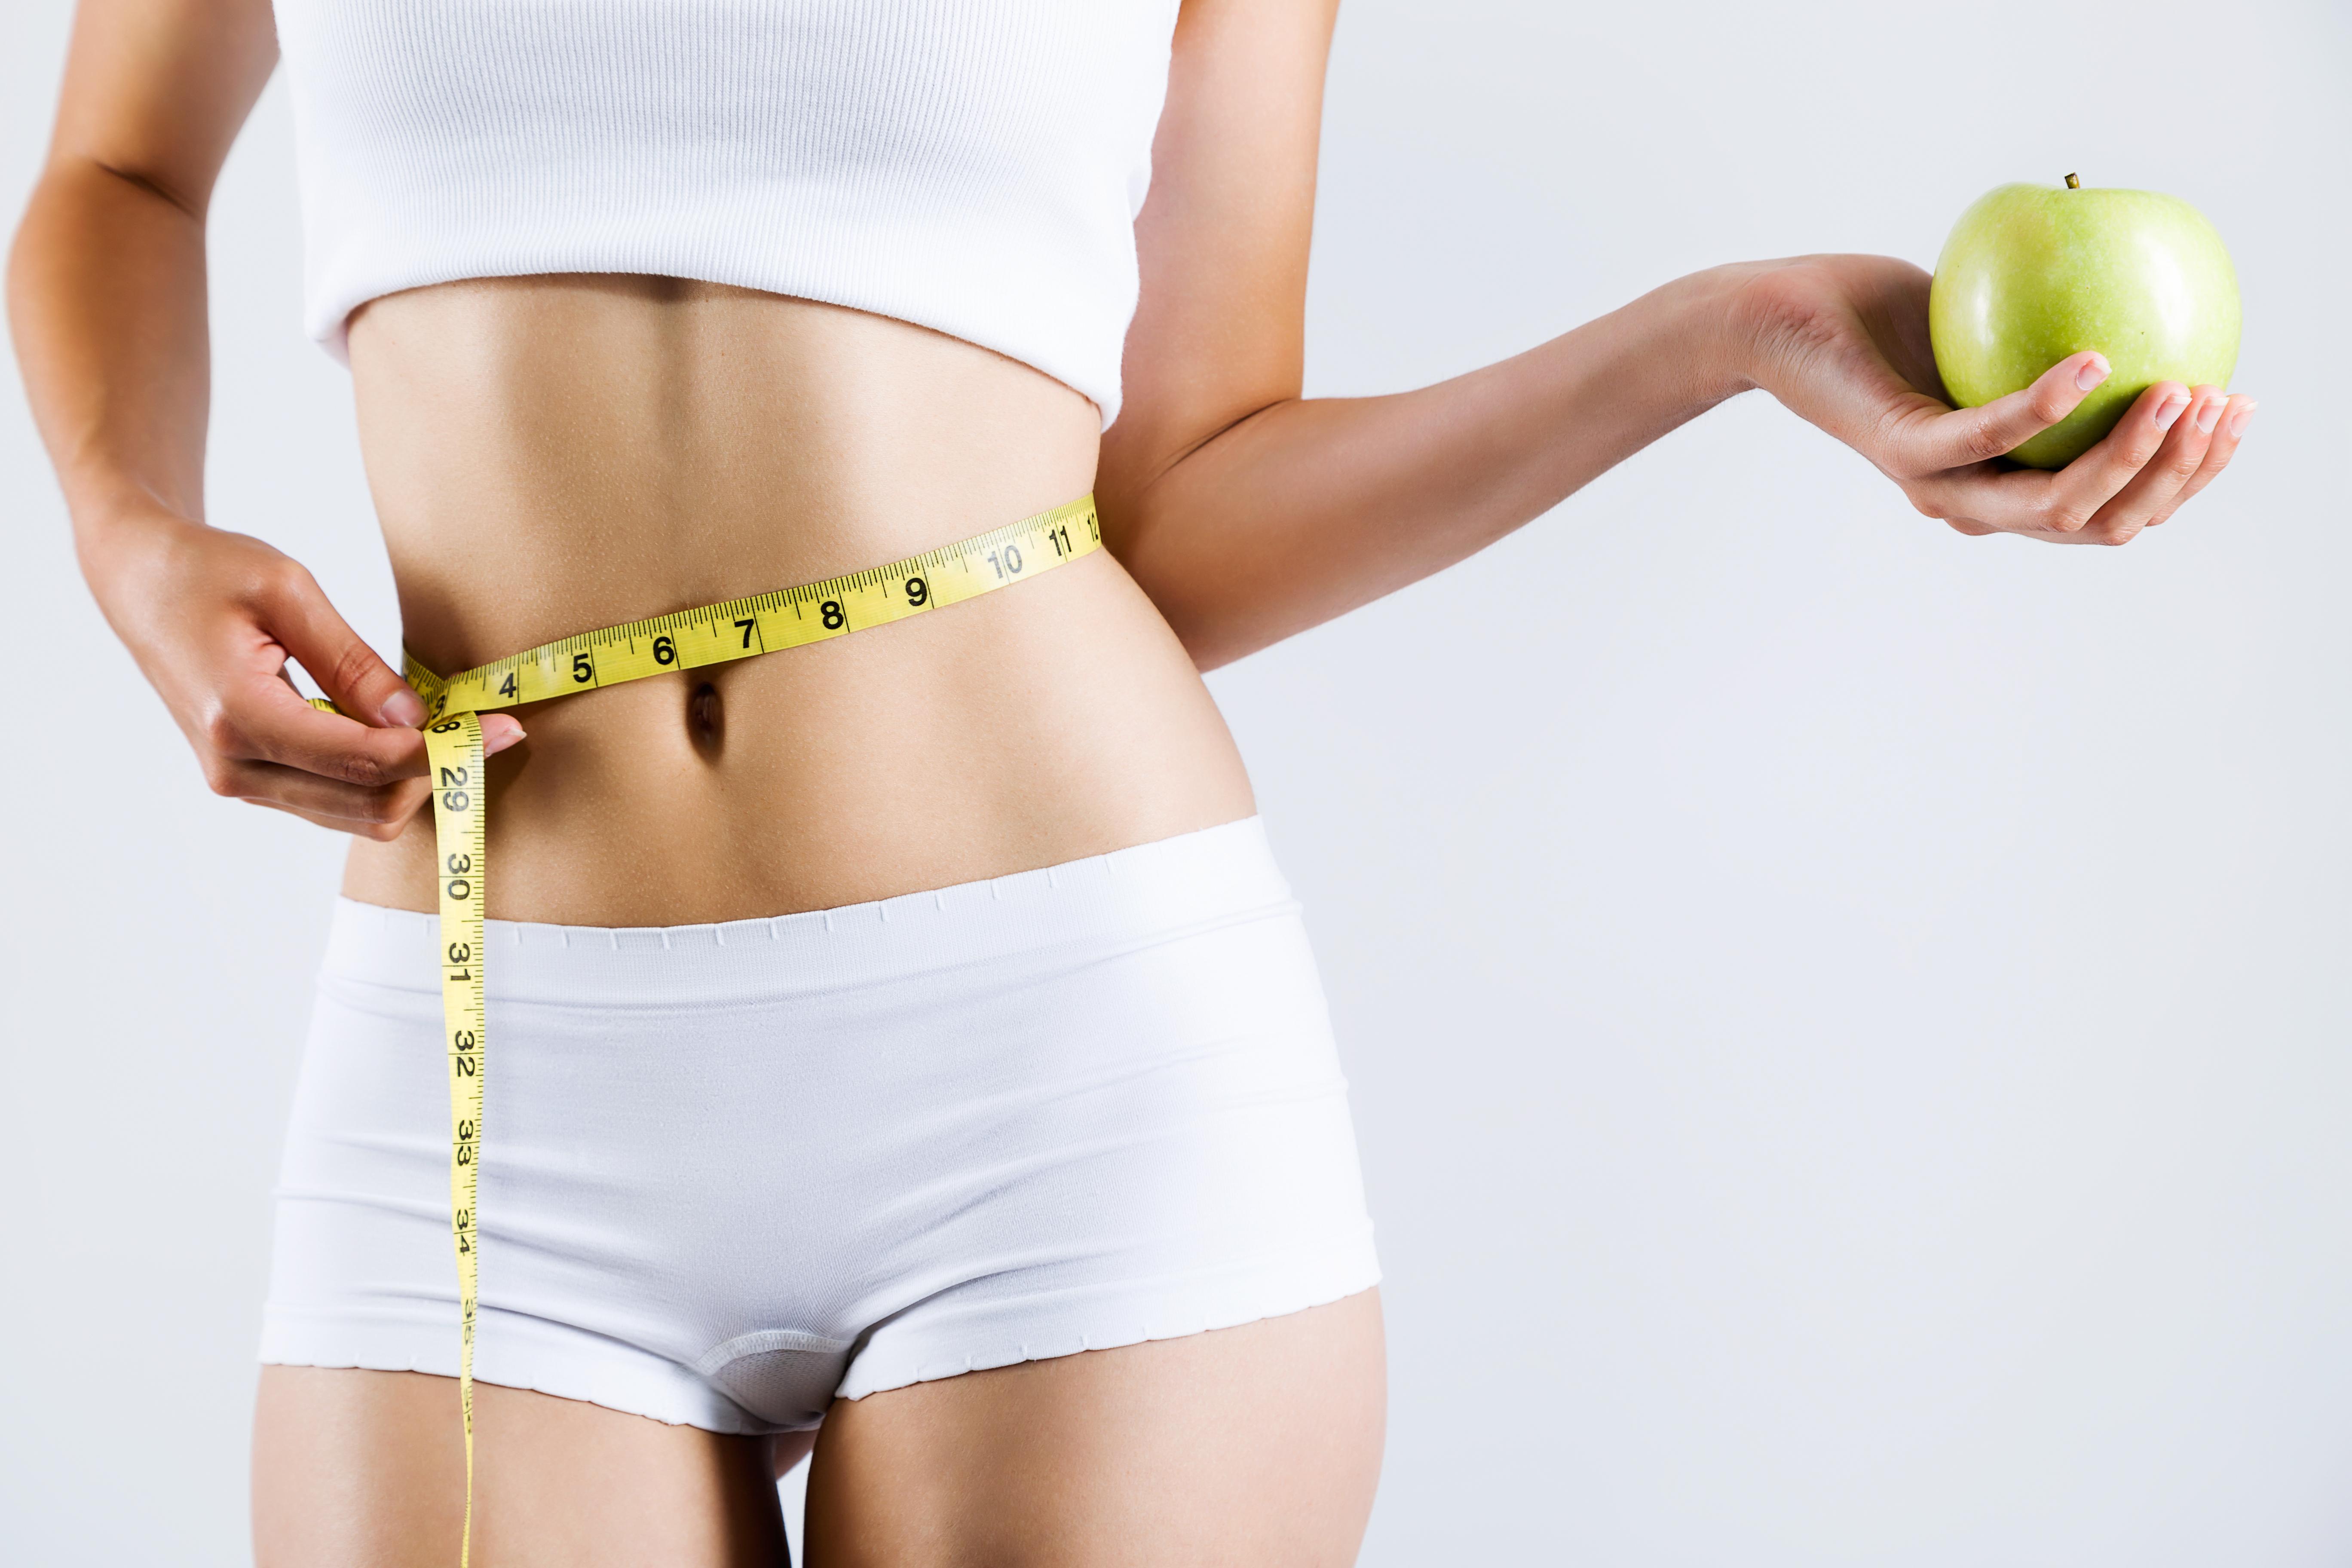 slăbit sănătos 1 kilogram pe săptămână